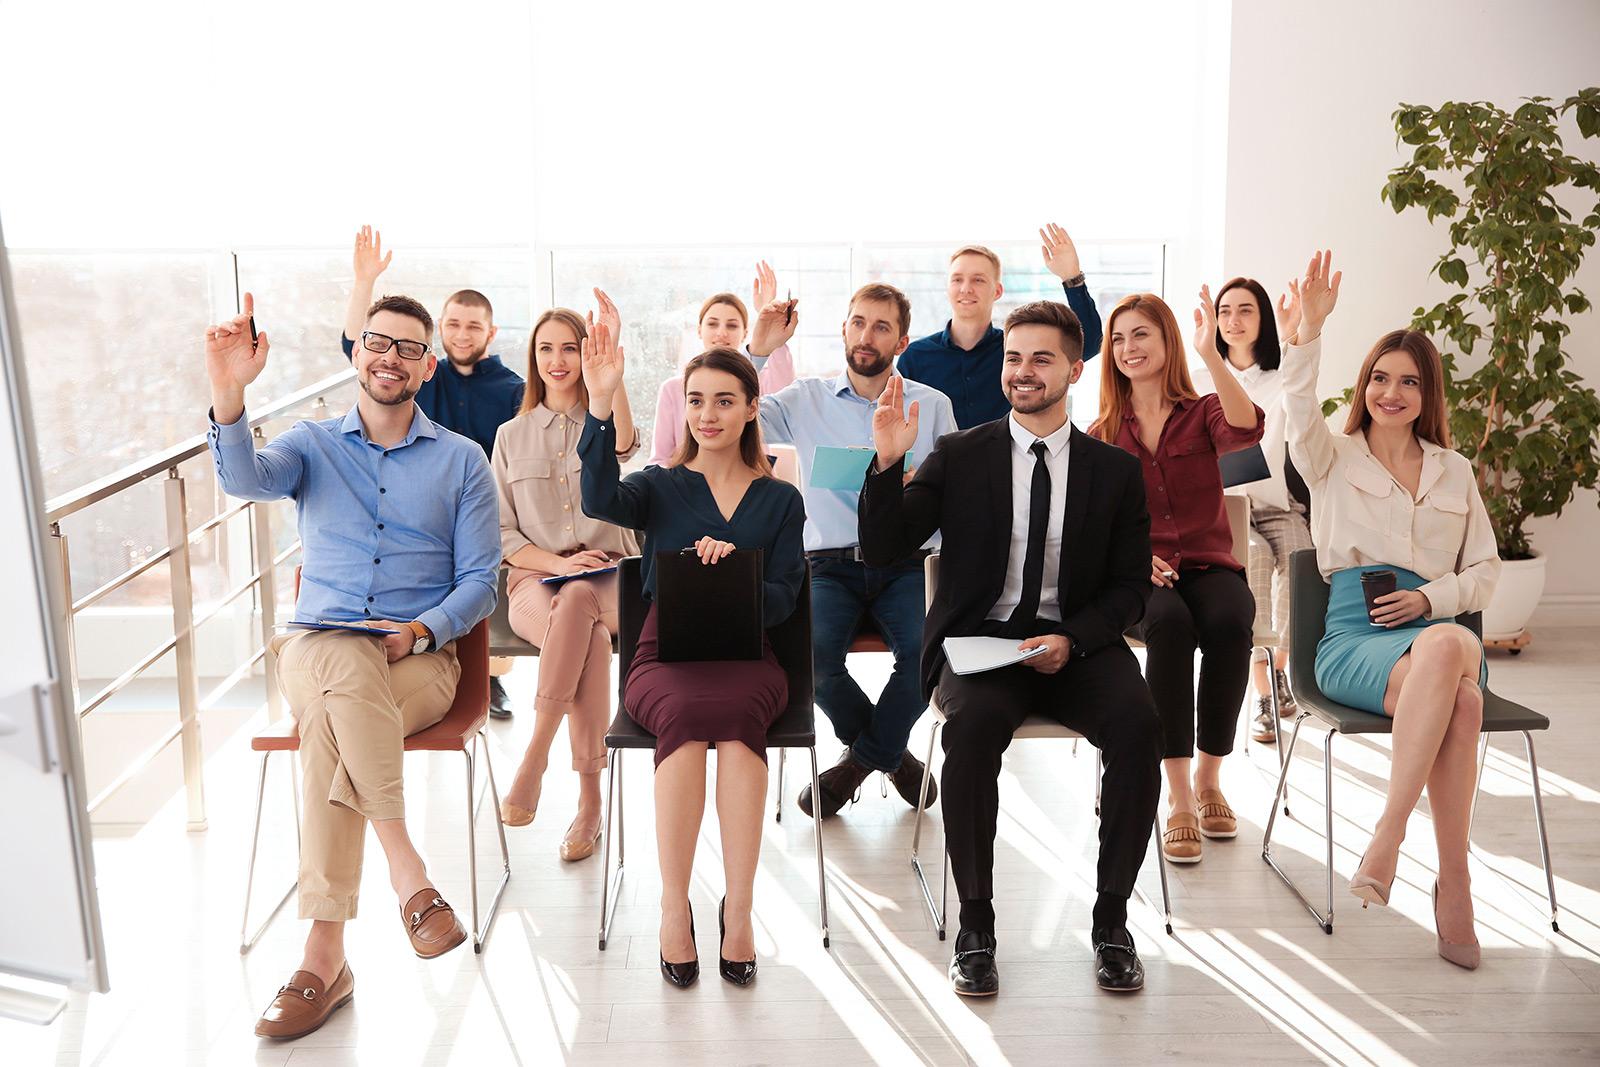 אנשים בכיתה כולם מרימים יד